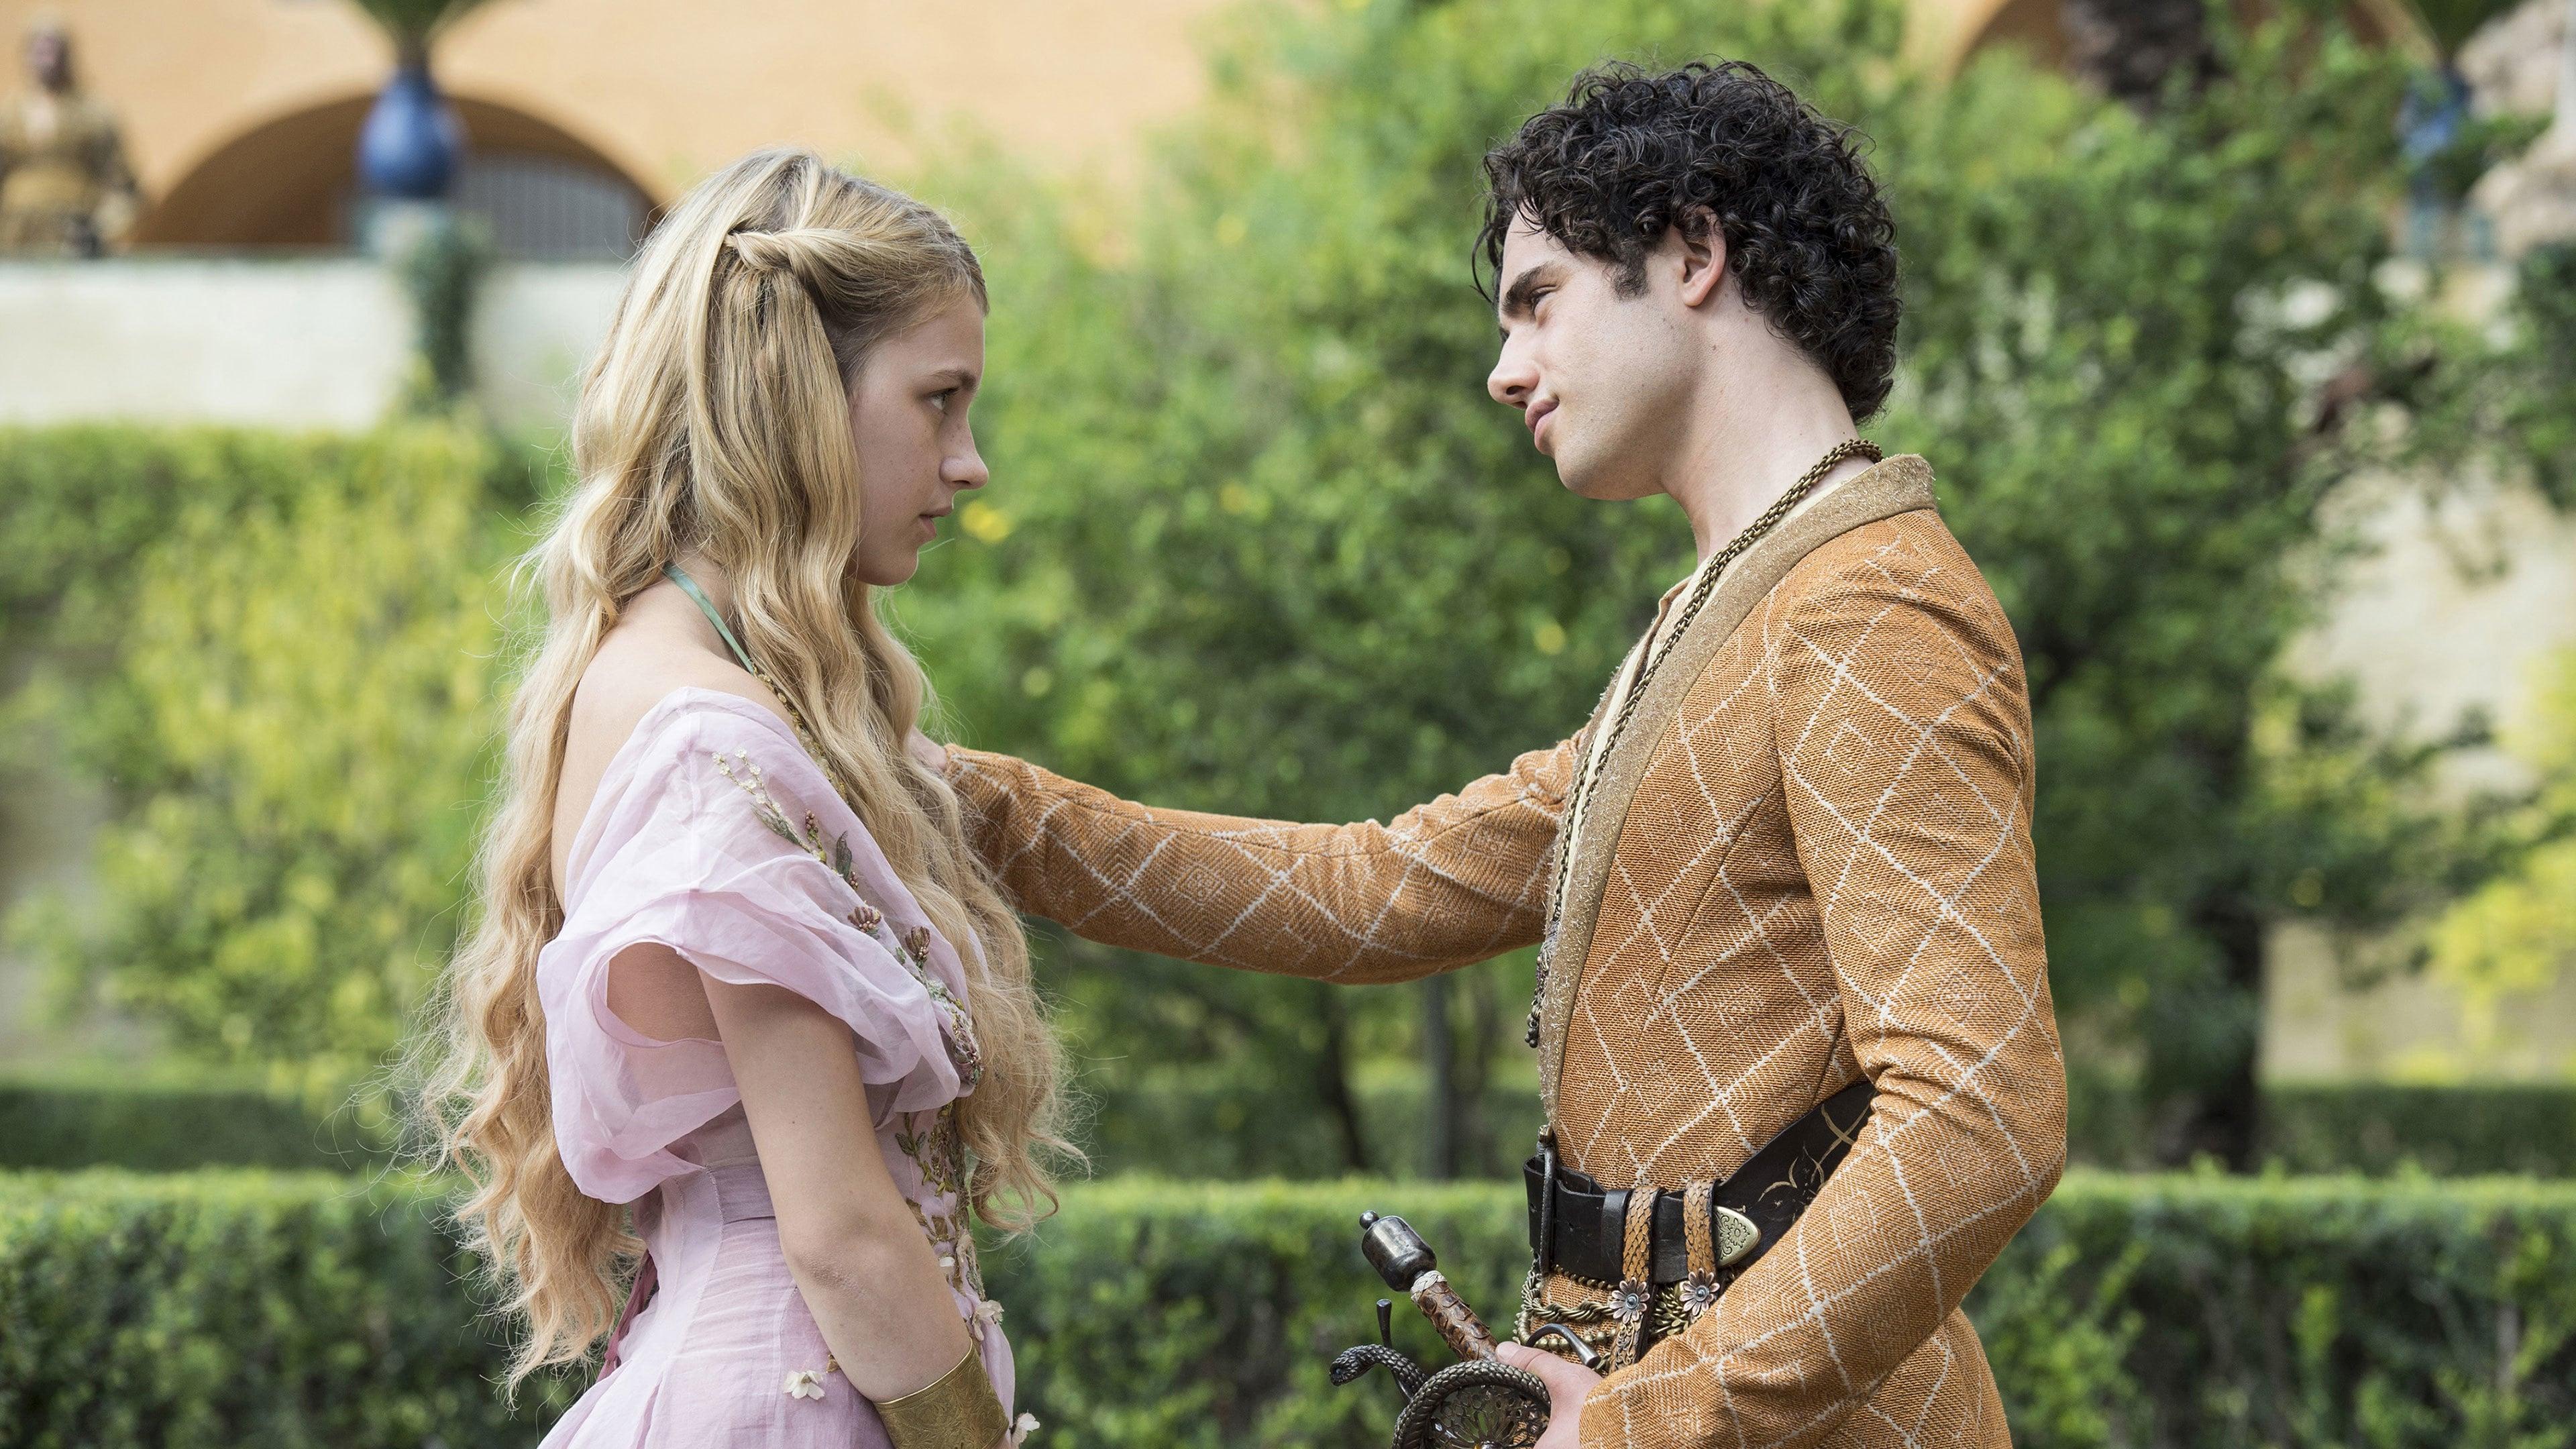 Смотреть онлайн все сезоны сериала Игра престолов в хорошем качестве 8 сезонов Game Of Thrones